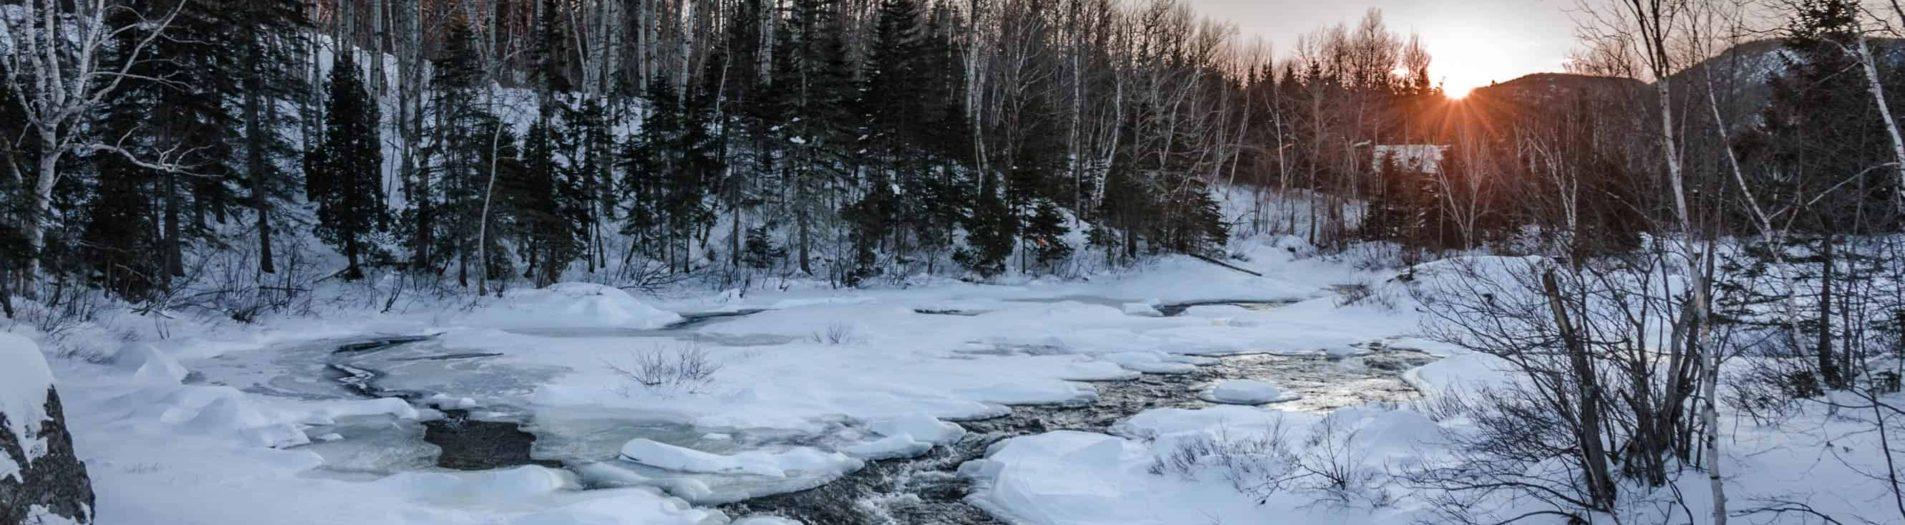 Québec - Un road trip enneigé au coeur des montagnes